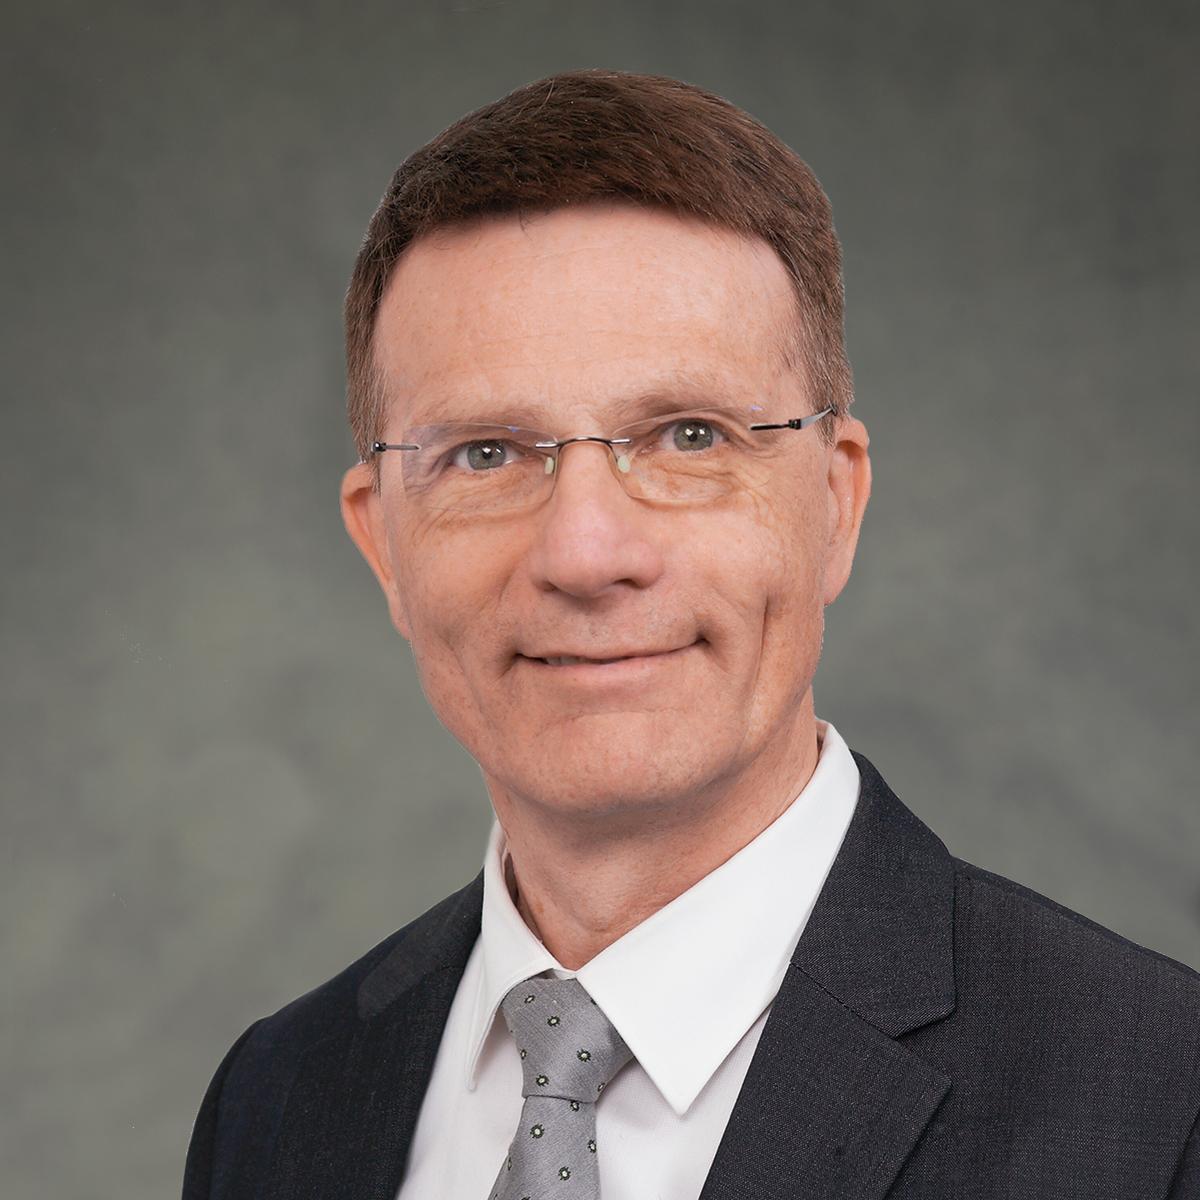 Elder Erik Bernskov, Dänemark